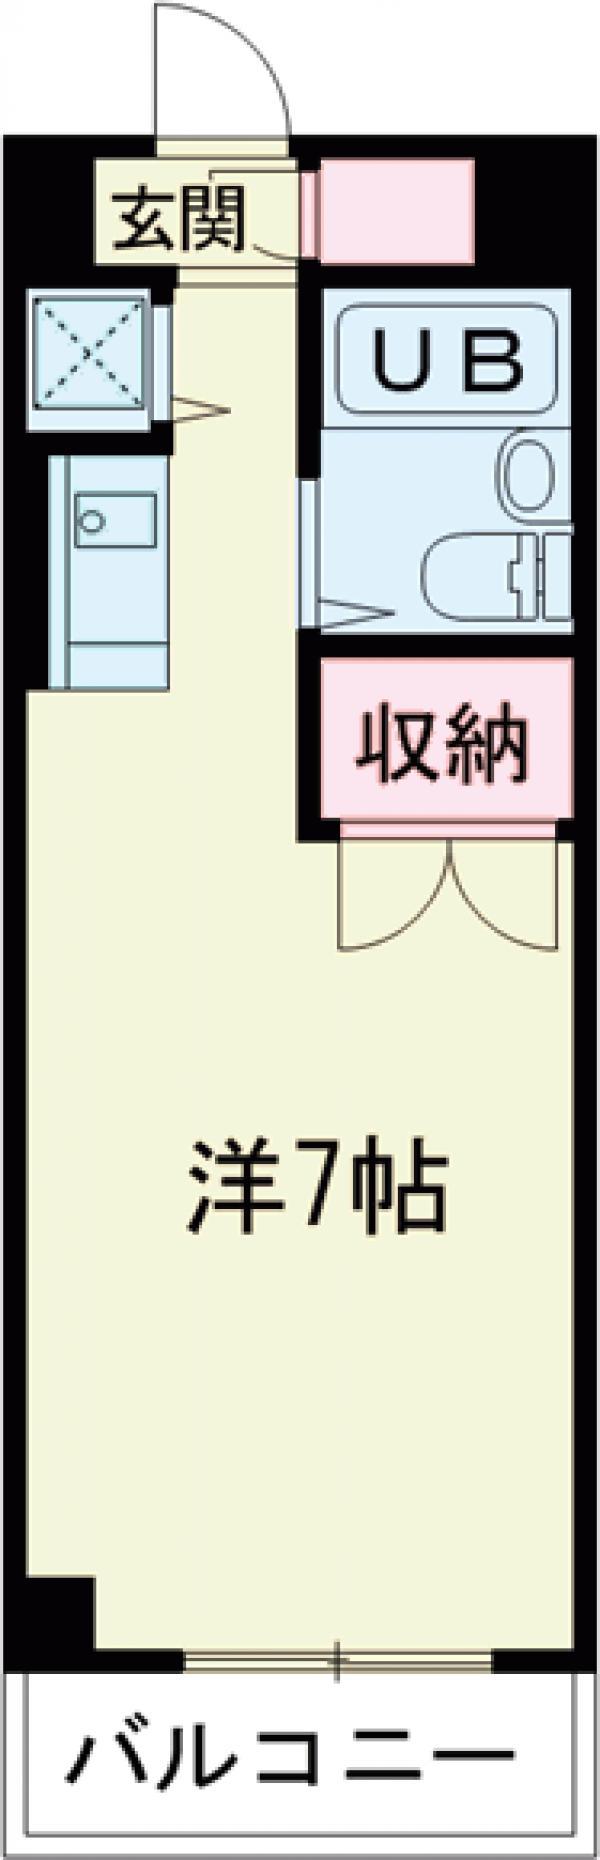 トポスM駒沢 303号室の間取り